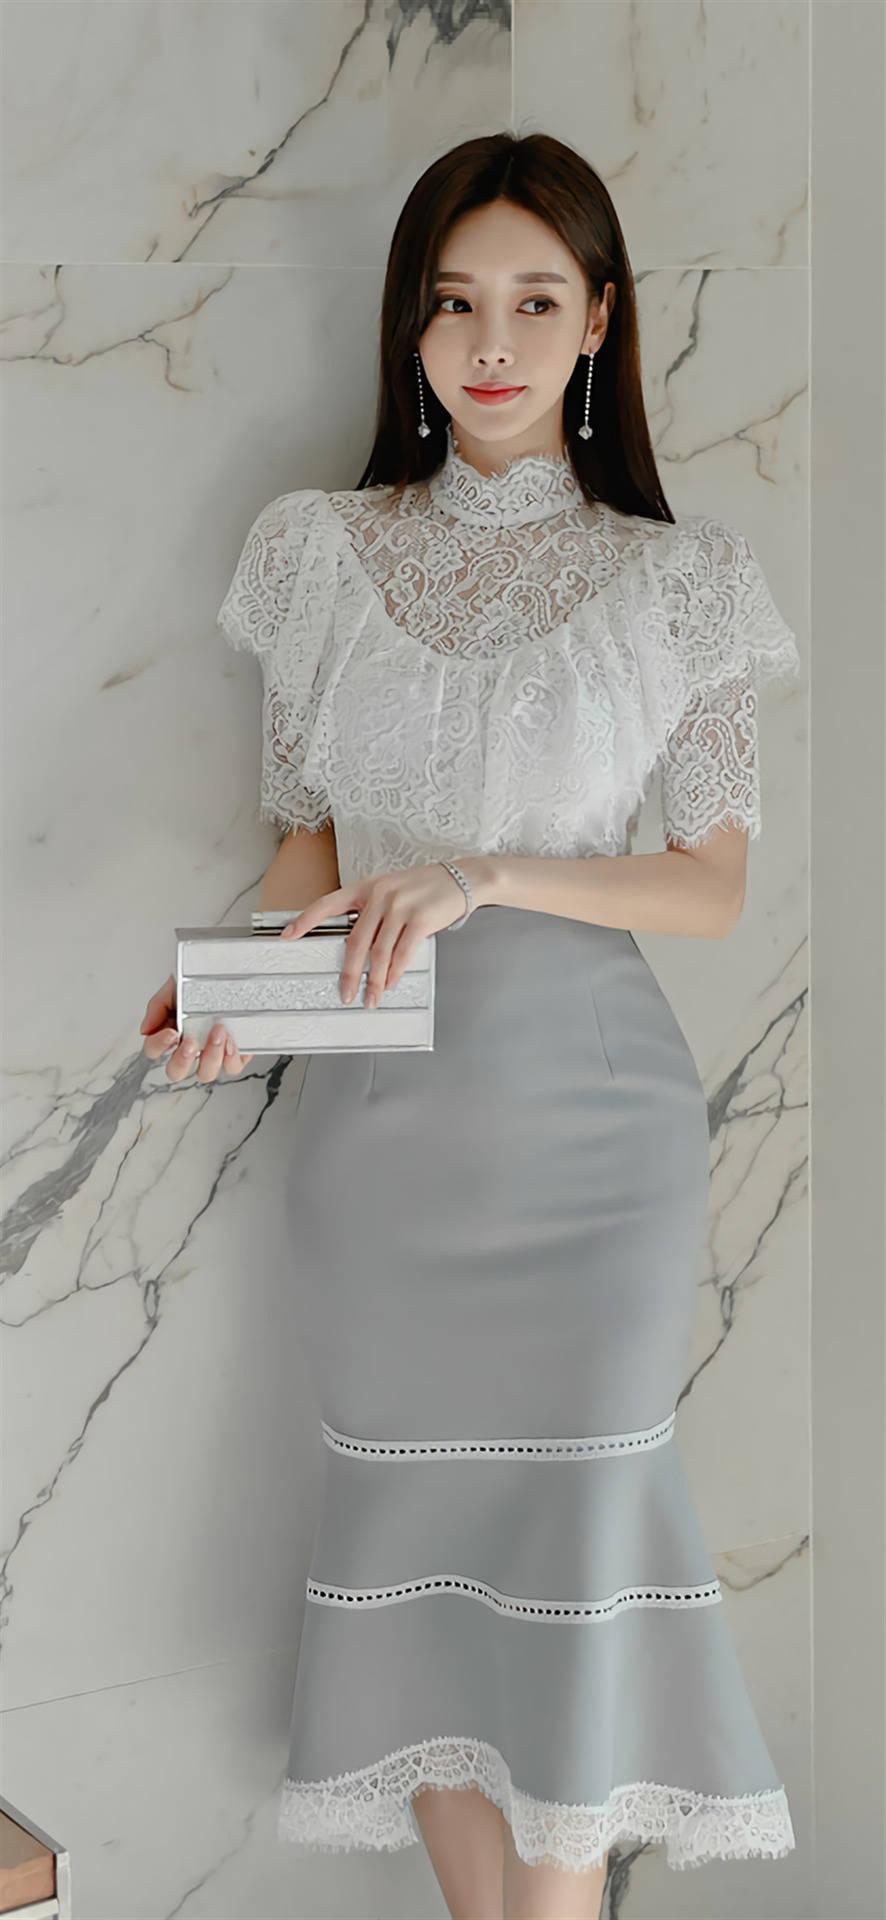 孙允珠时尚摄影连衣裙图集 白色蕾丝上衣搭配连衣裙 高贵又时尚!